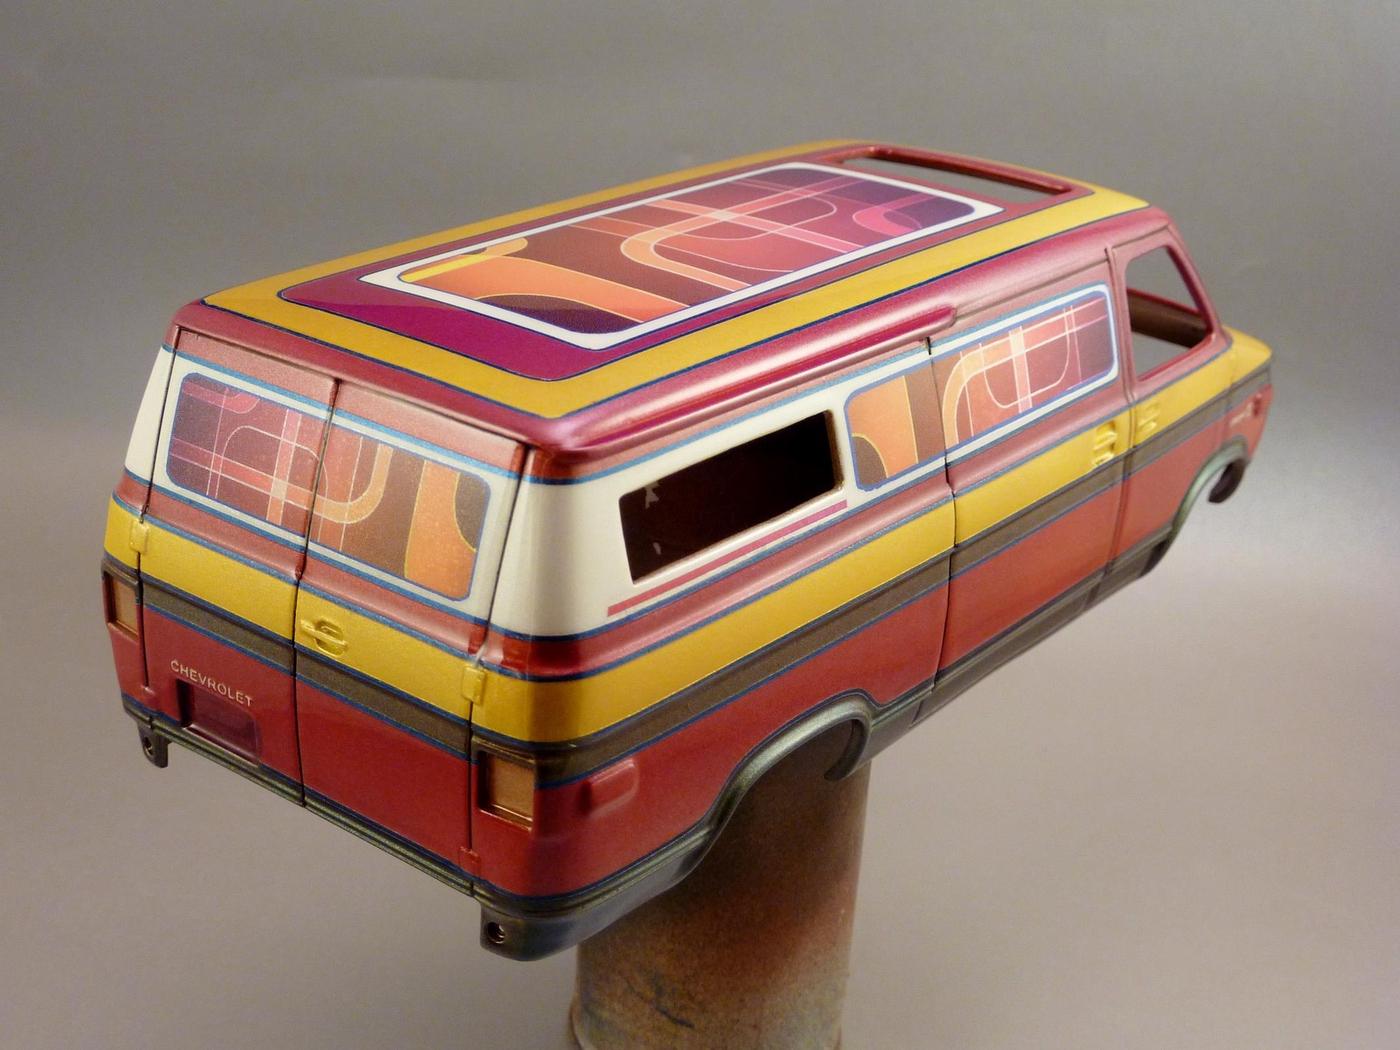 Van Chevy 75 (Vantasy) terminé - Page 4 Photo3-vi